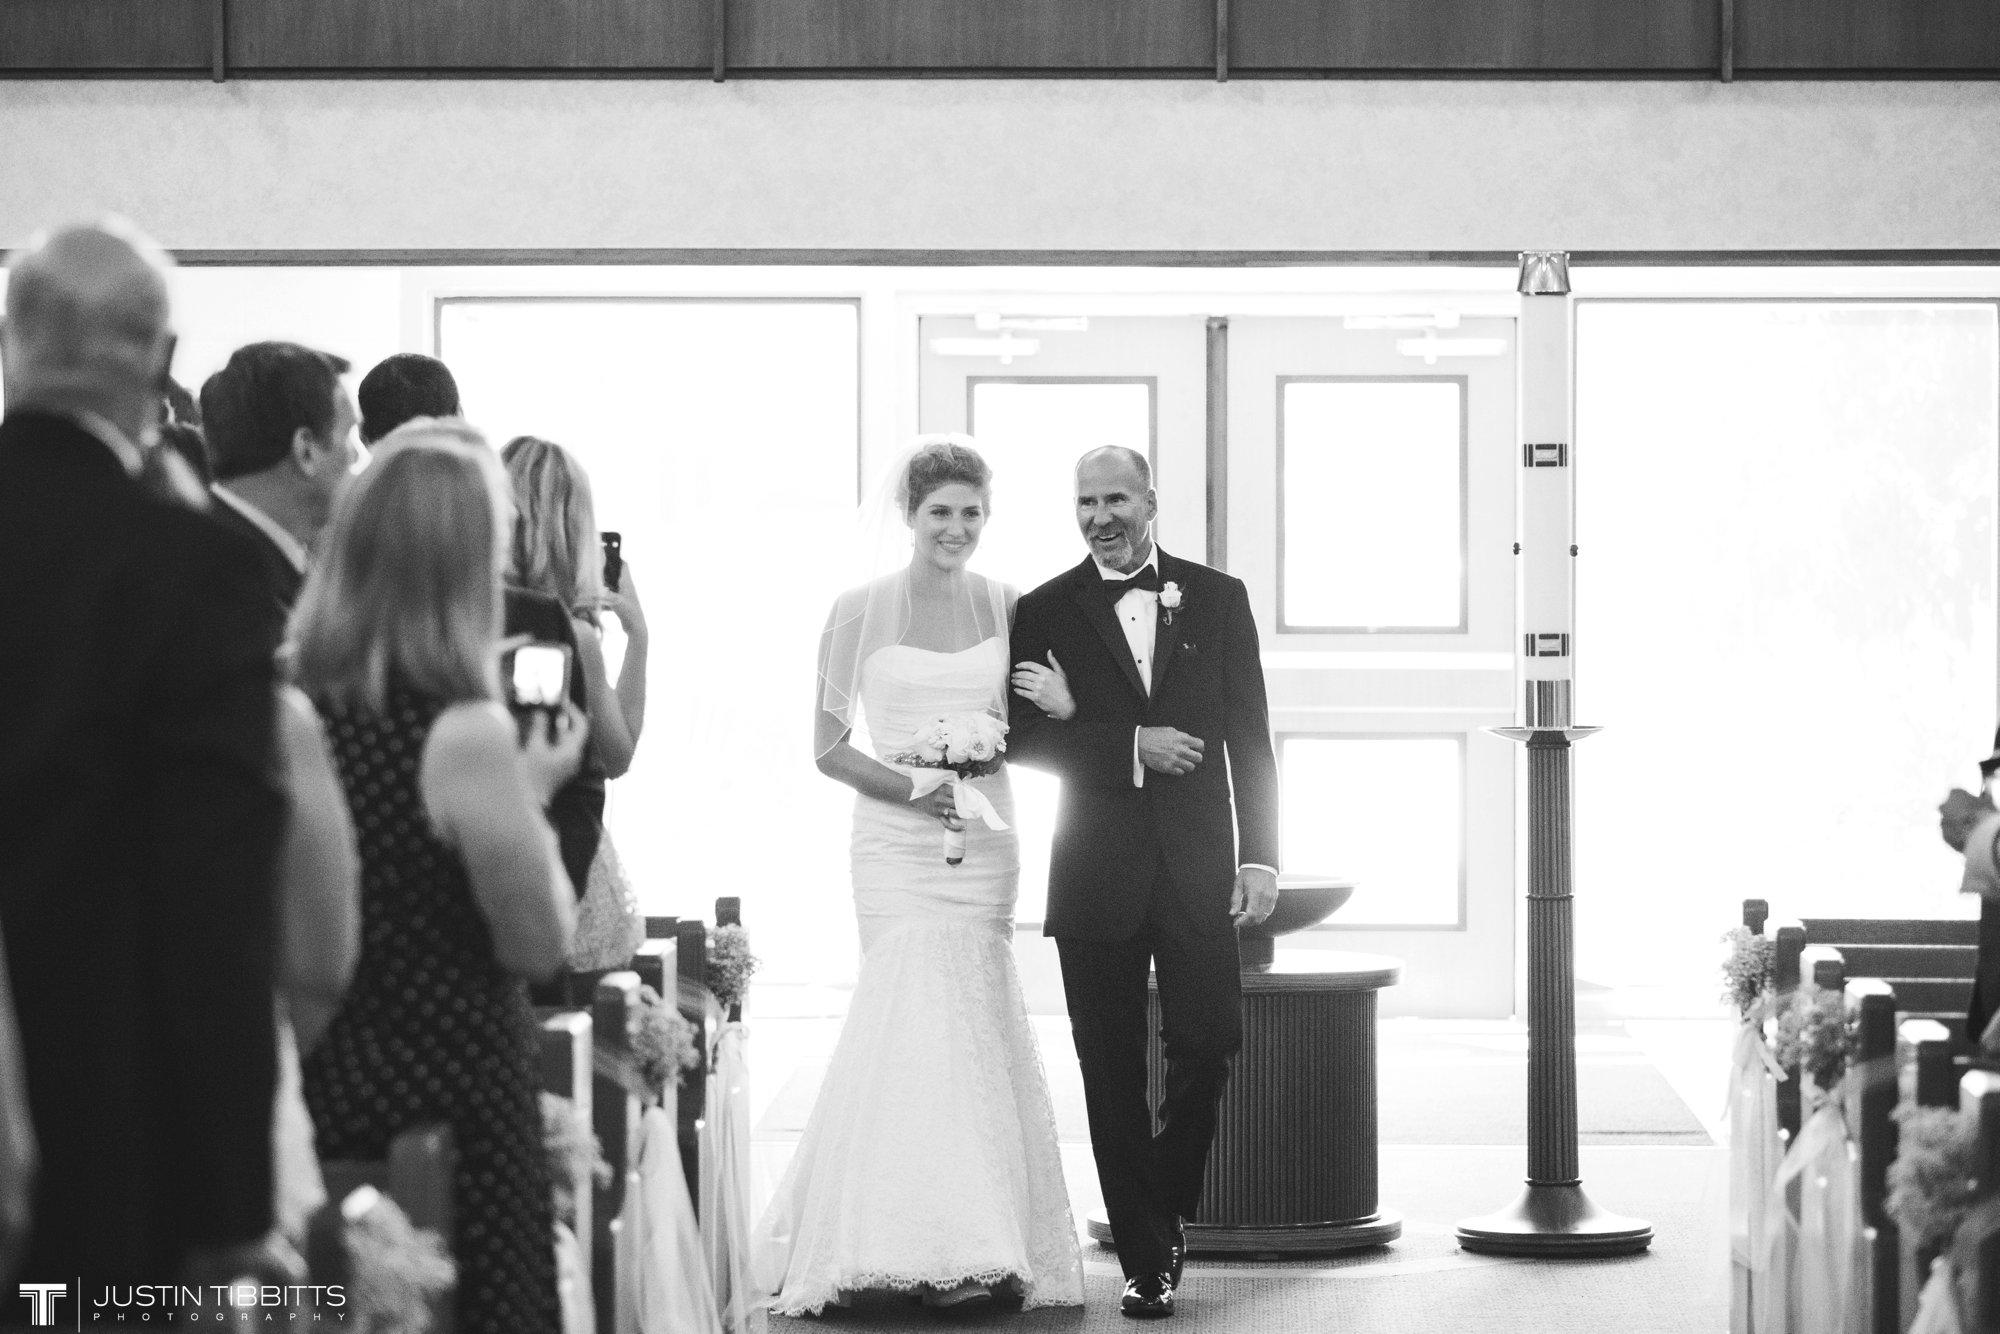 Albany NY Wedding Photographer Justin Tibbitts Photography 2014 Best of Albany NY Weddings-23732